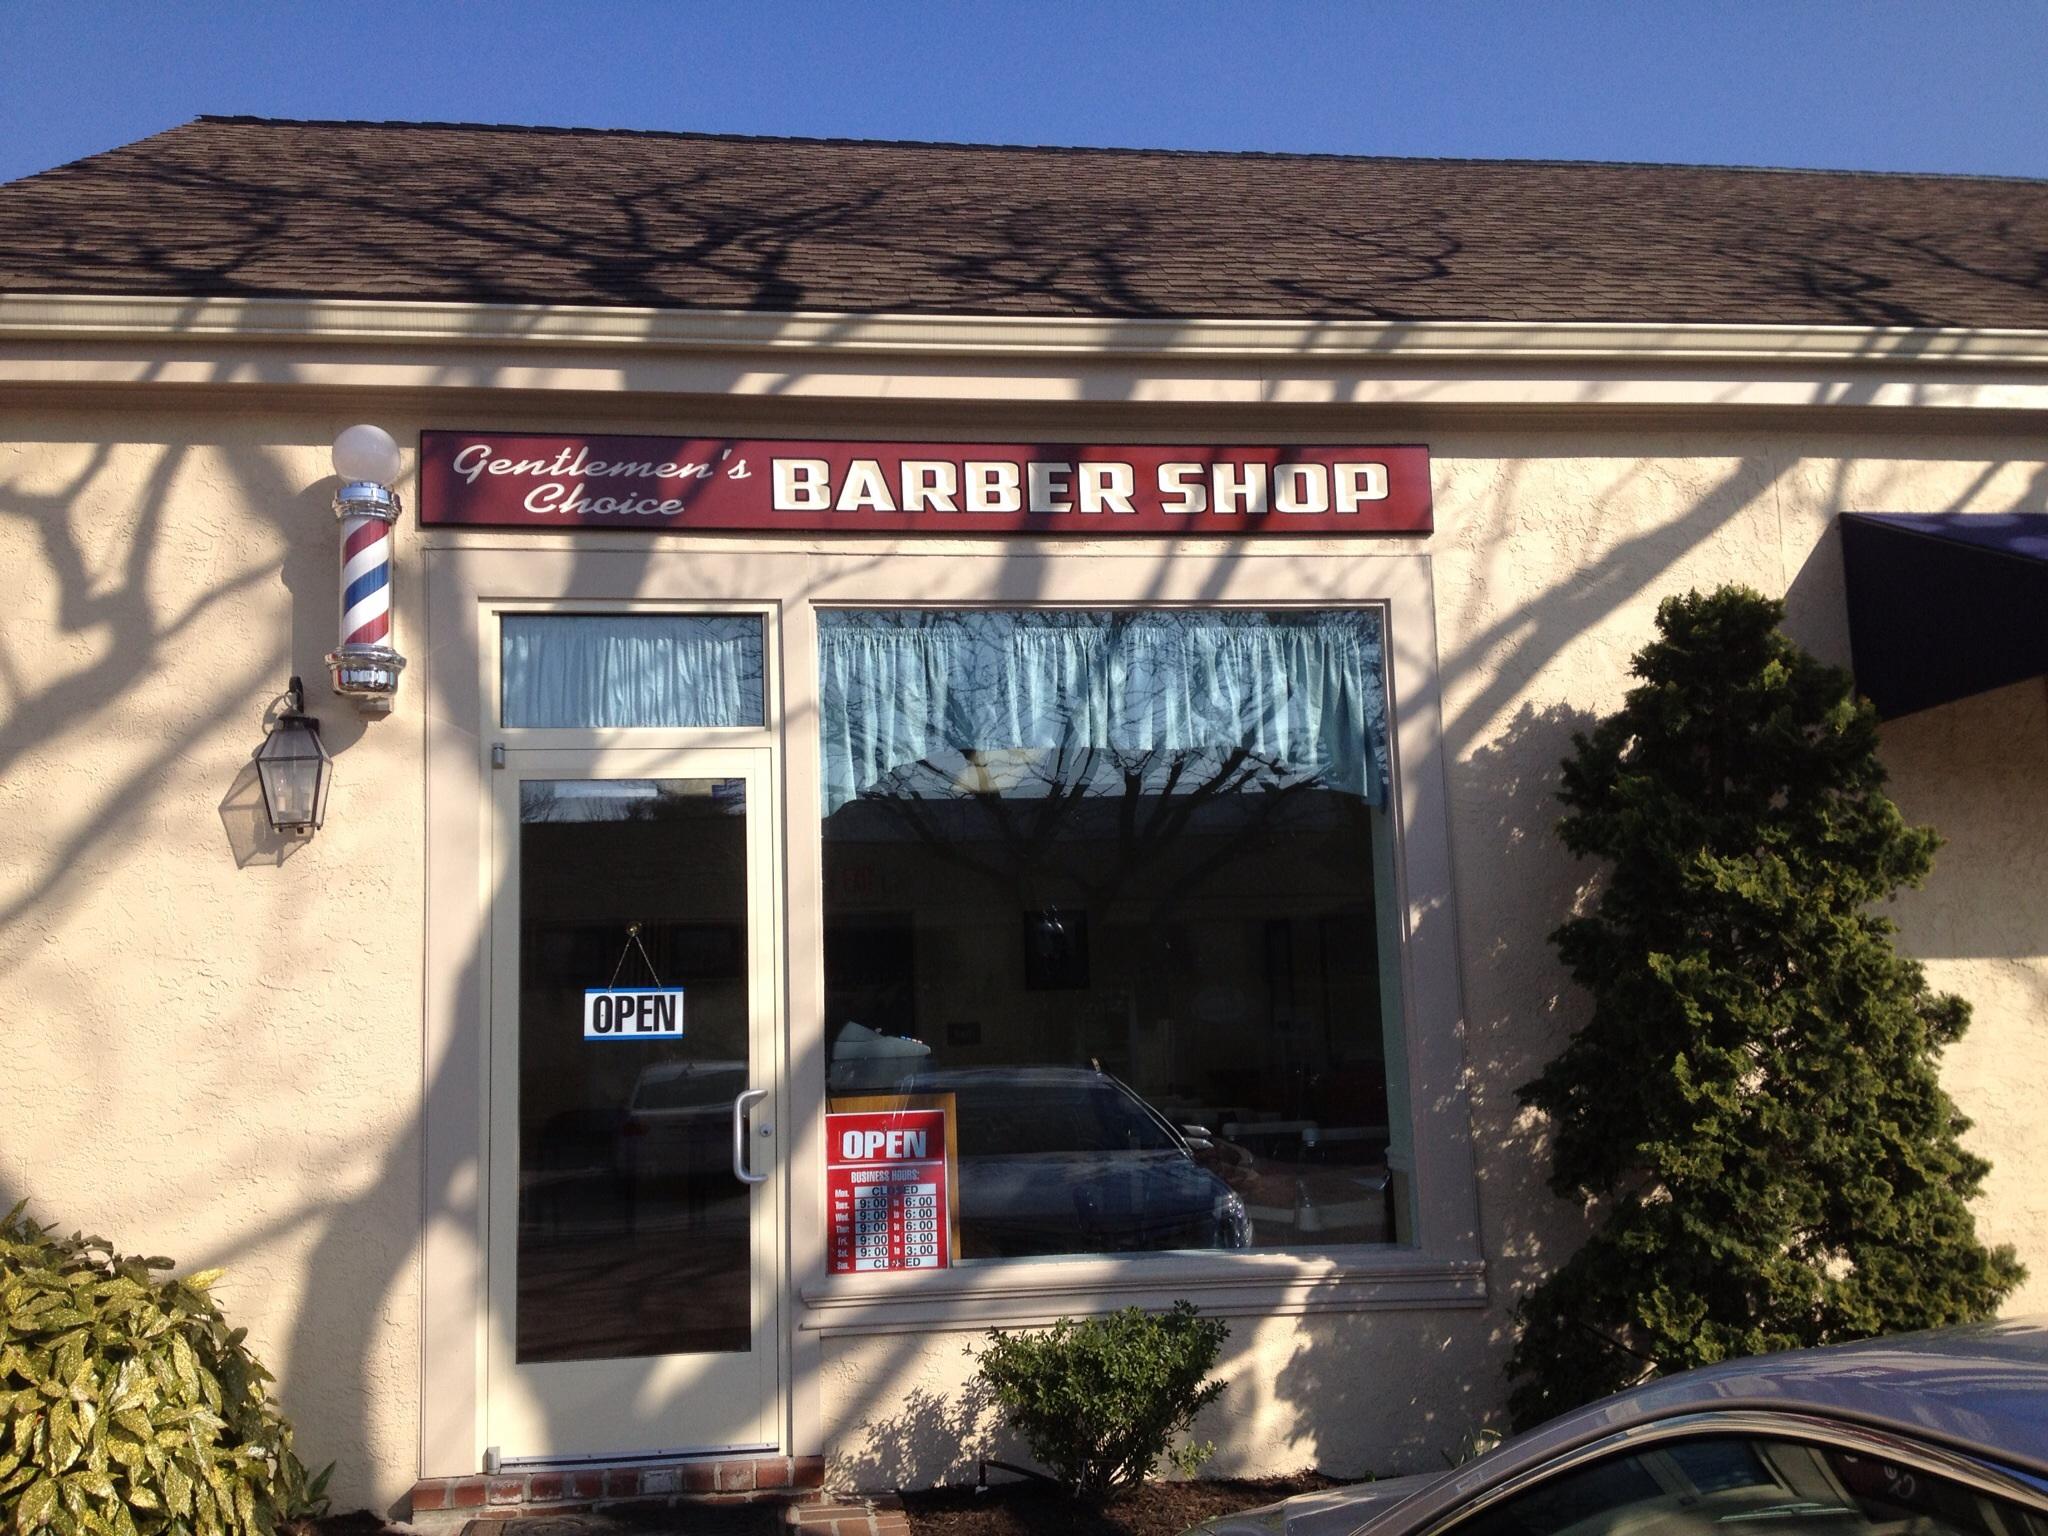 Gentlemen's Choice Barber Shop image 4